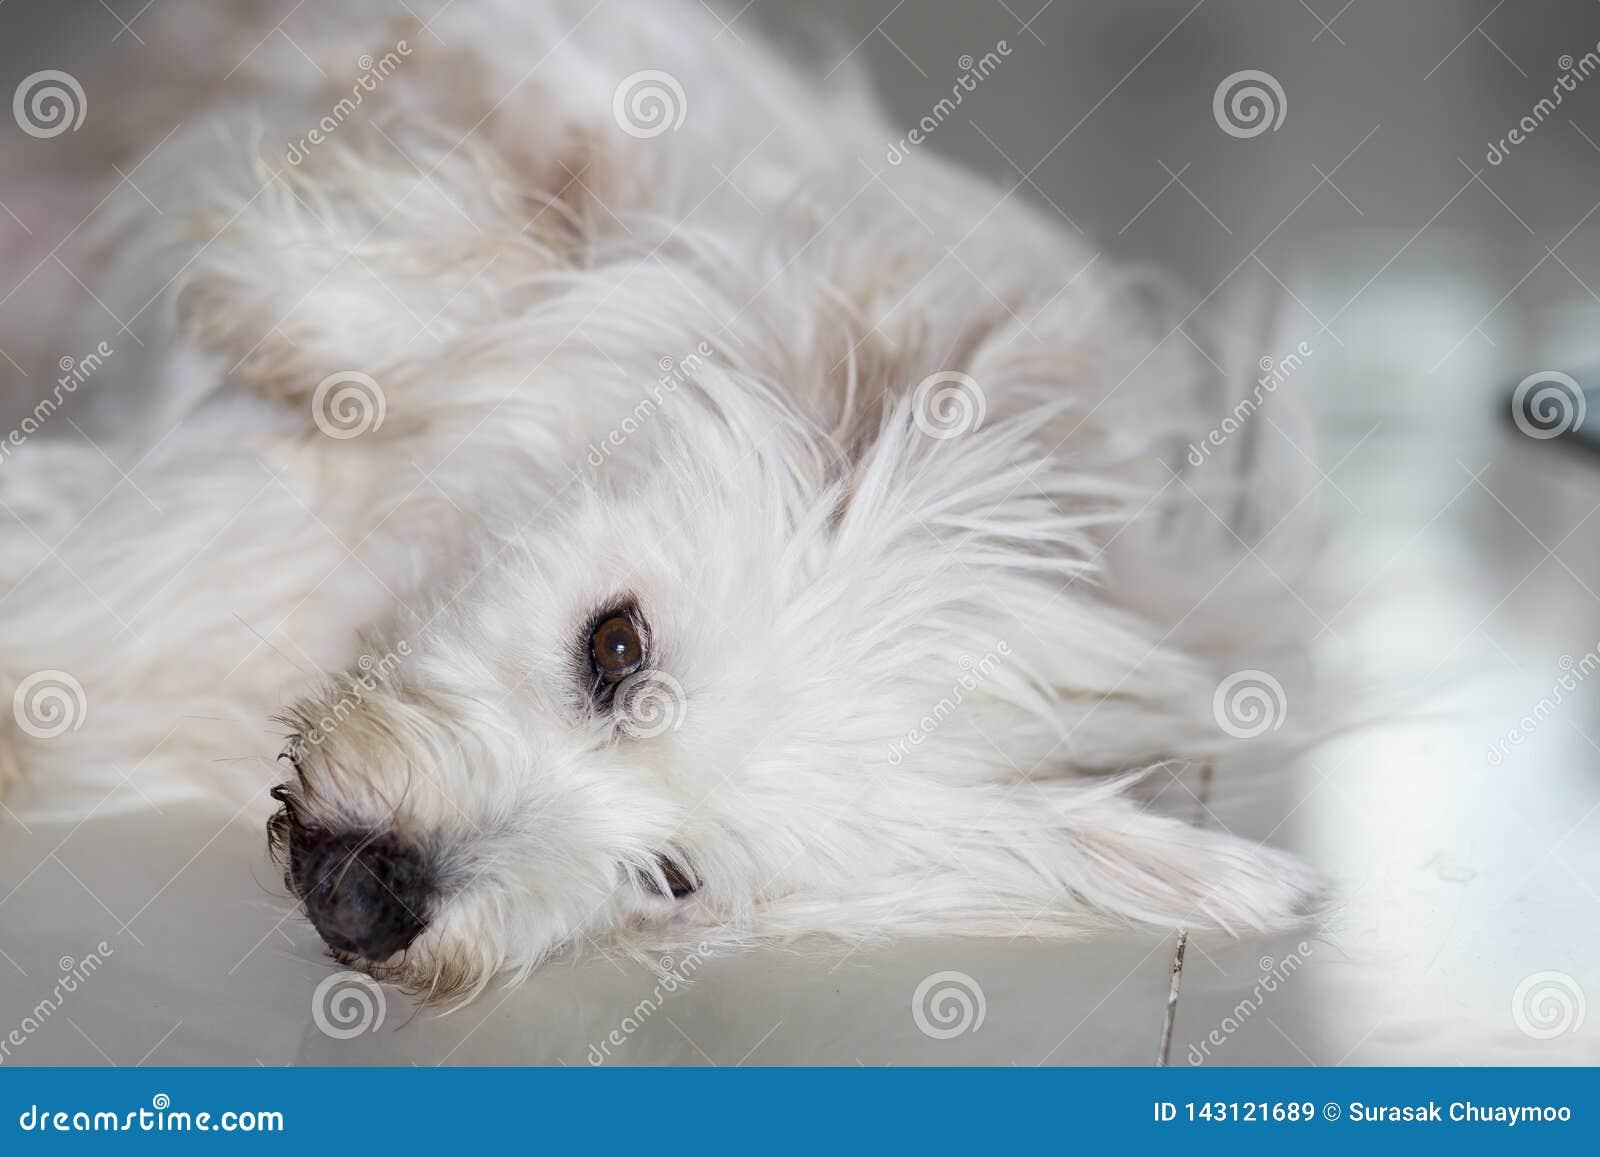 Eye of poodle dog is sleepy